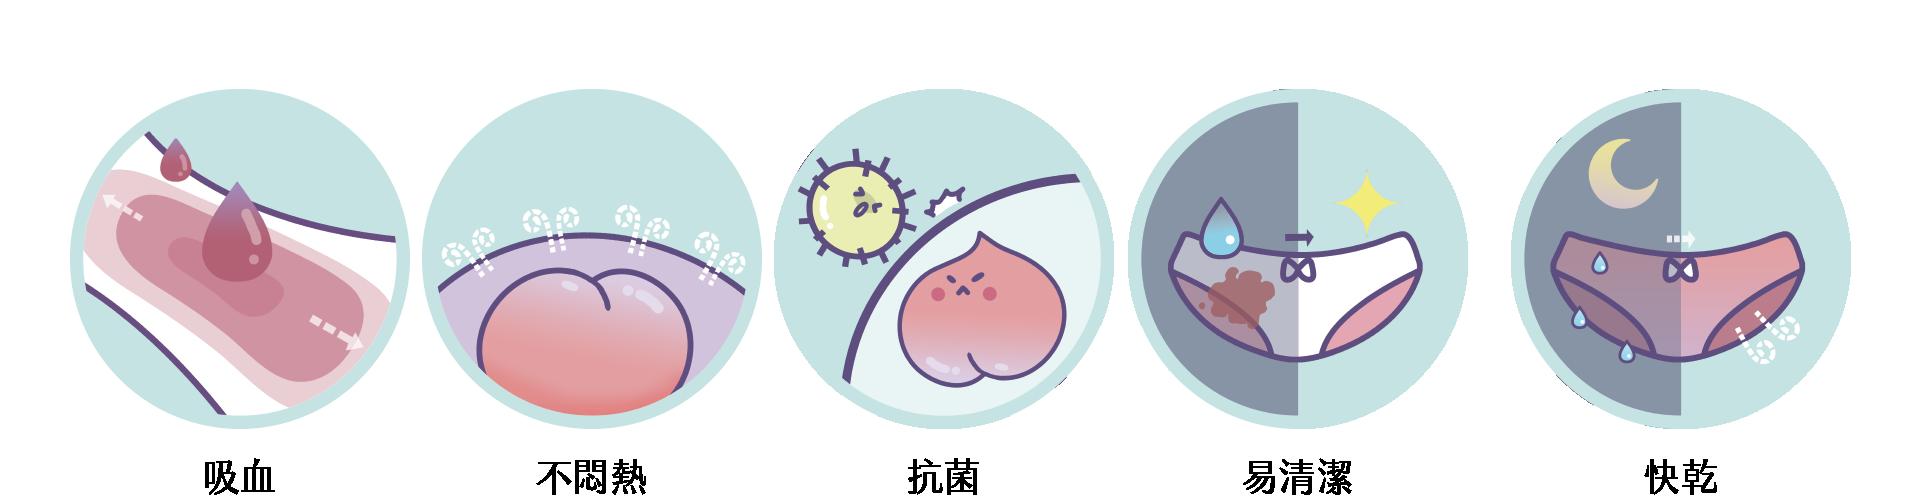 台灣吸血月亮褲 | 讓妳用棉棉的日子,縮短 ½ 吸血月亮褲,月亮褲,生理期,衛生棉,外漏,防漏,棉條,月亮杯,月事內褲,生理褲,M巾